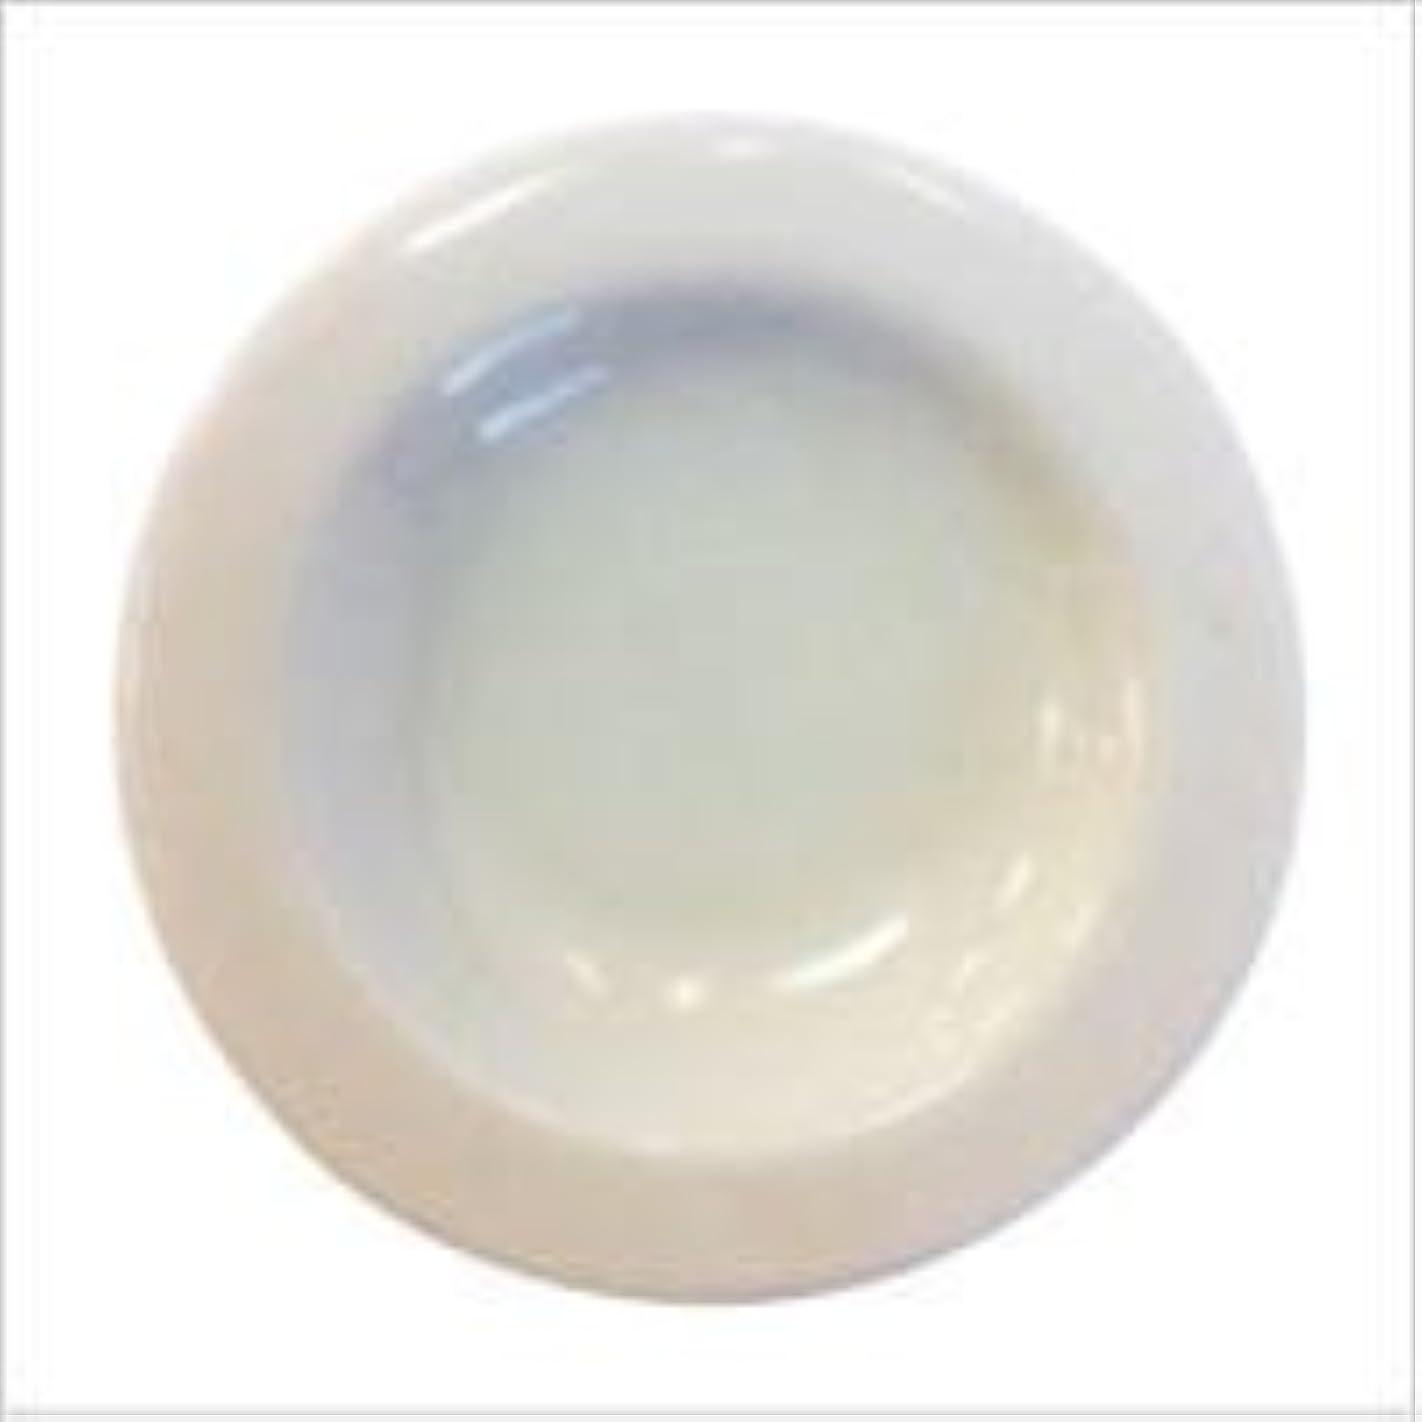 広く家事をするまつげ生活の木 ミント用精油皿